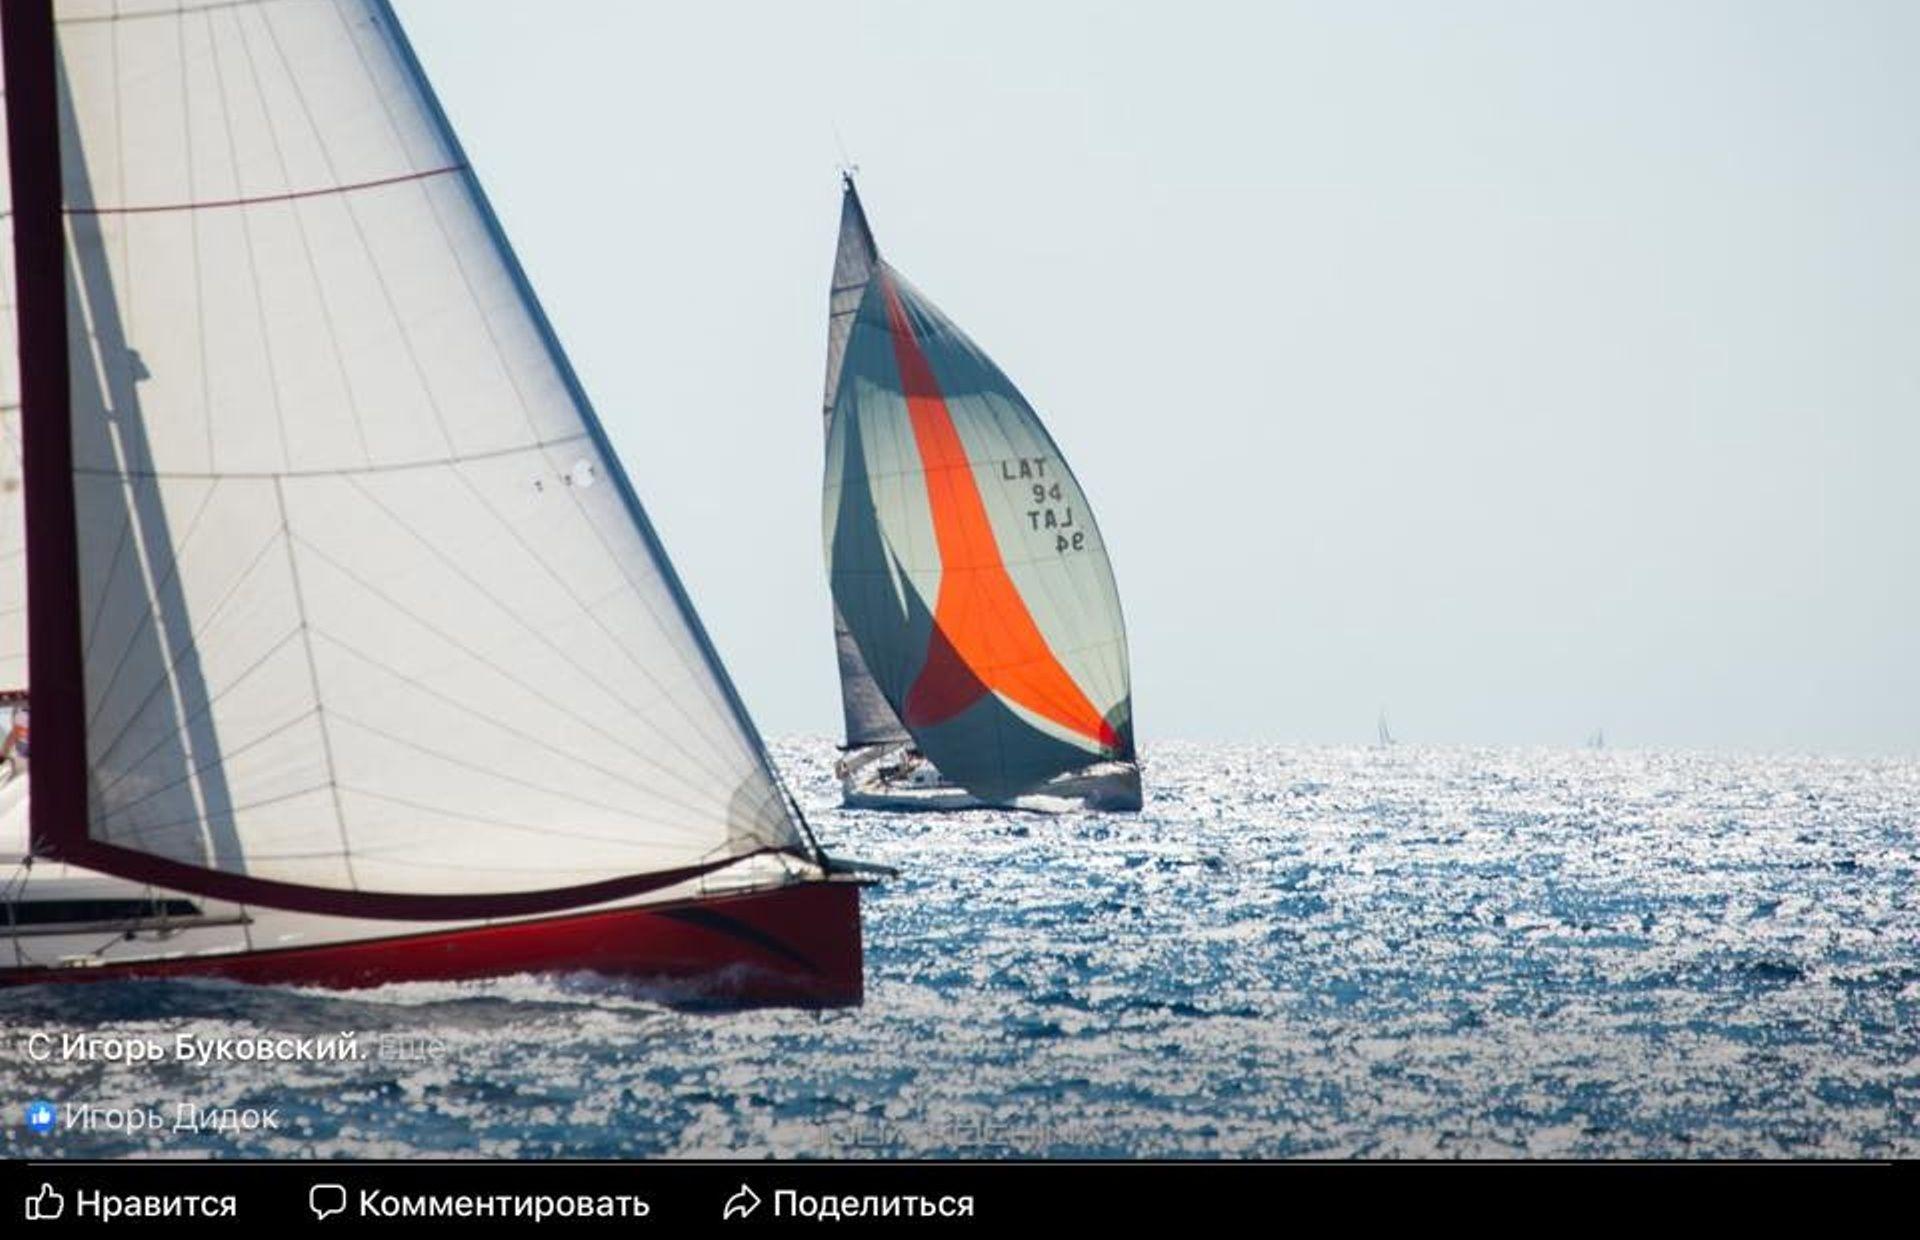 https://media.insailing.com/boat/lettland/image_1580820562510.jpg